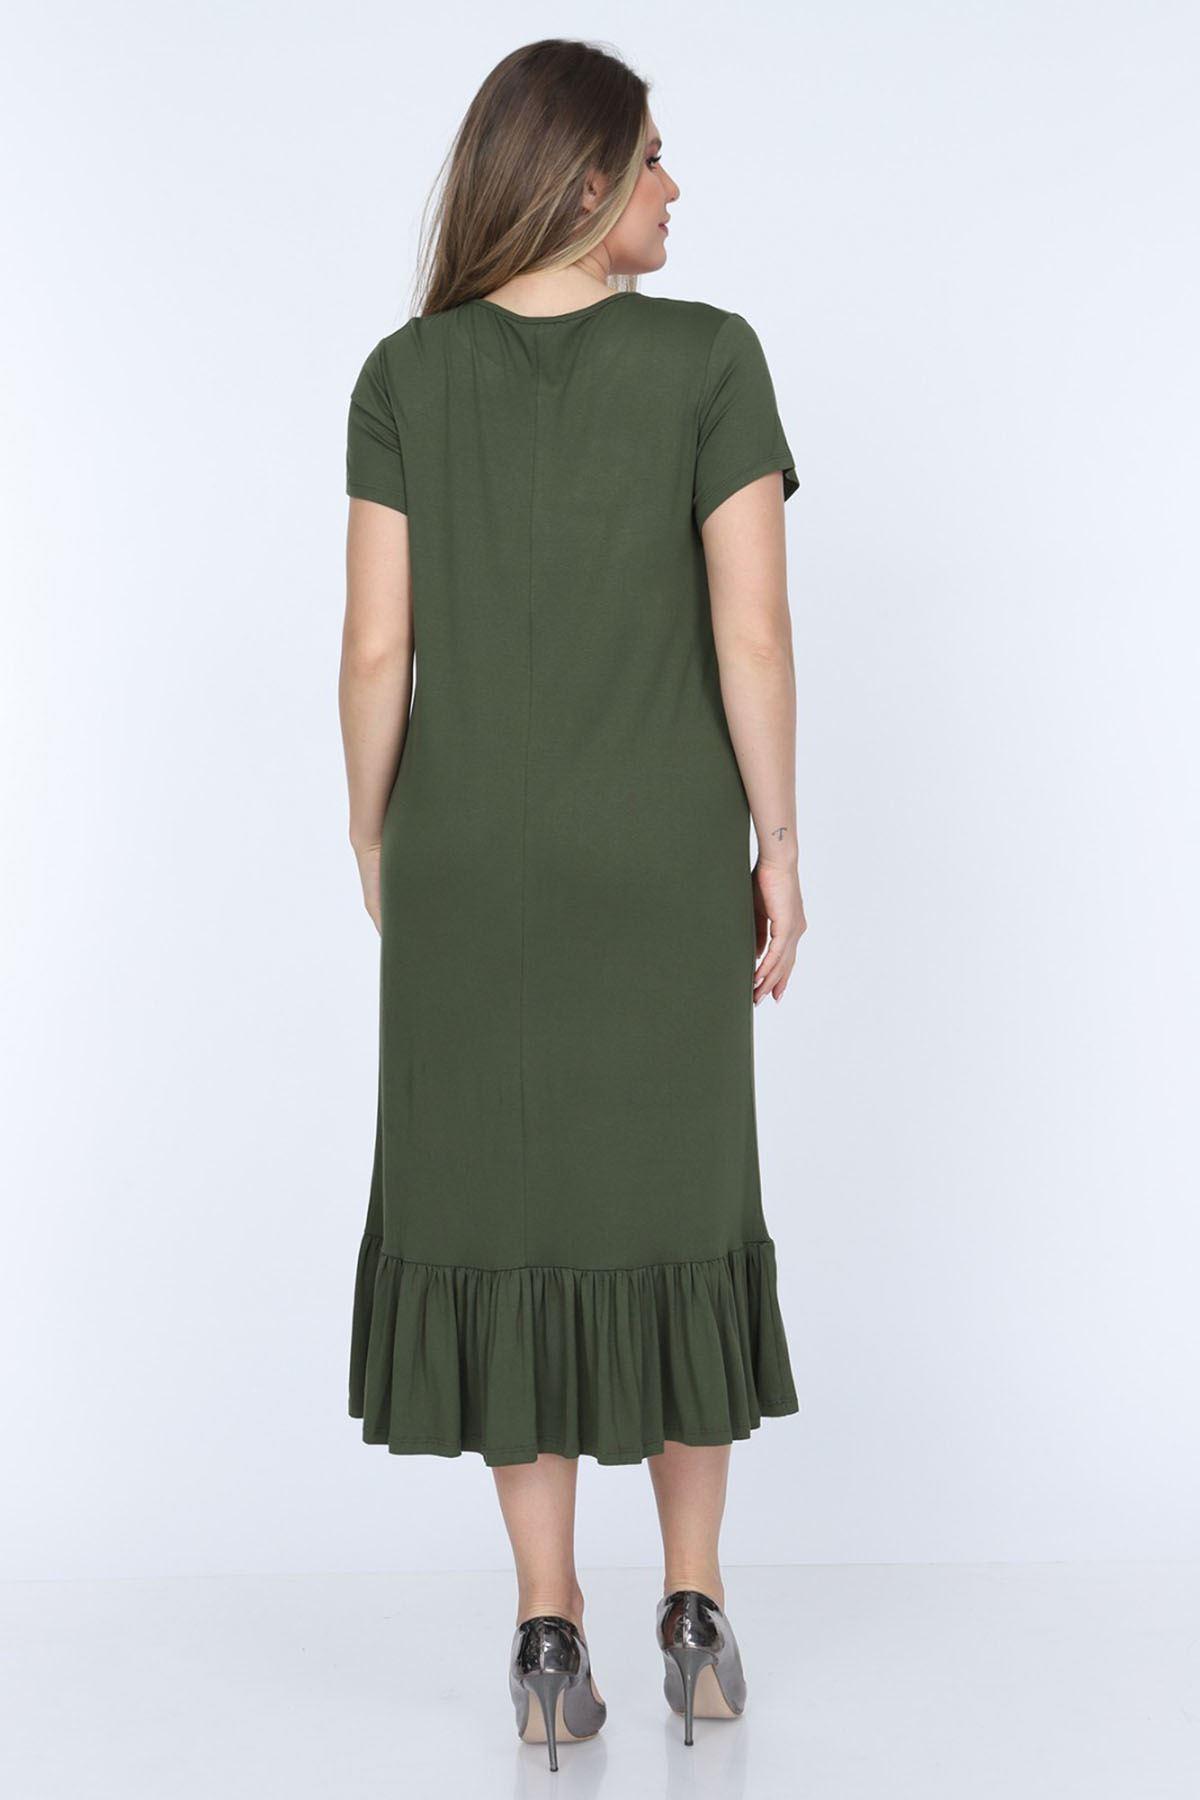 Eteği Fırfırlı Yeşil Büyük Beden Elbise 11D-0701